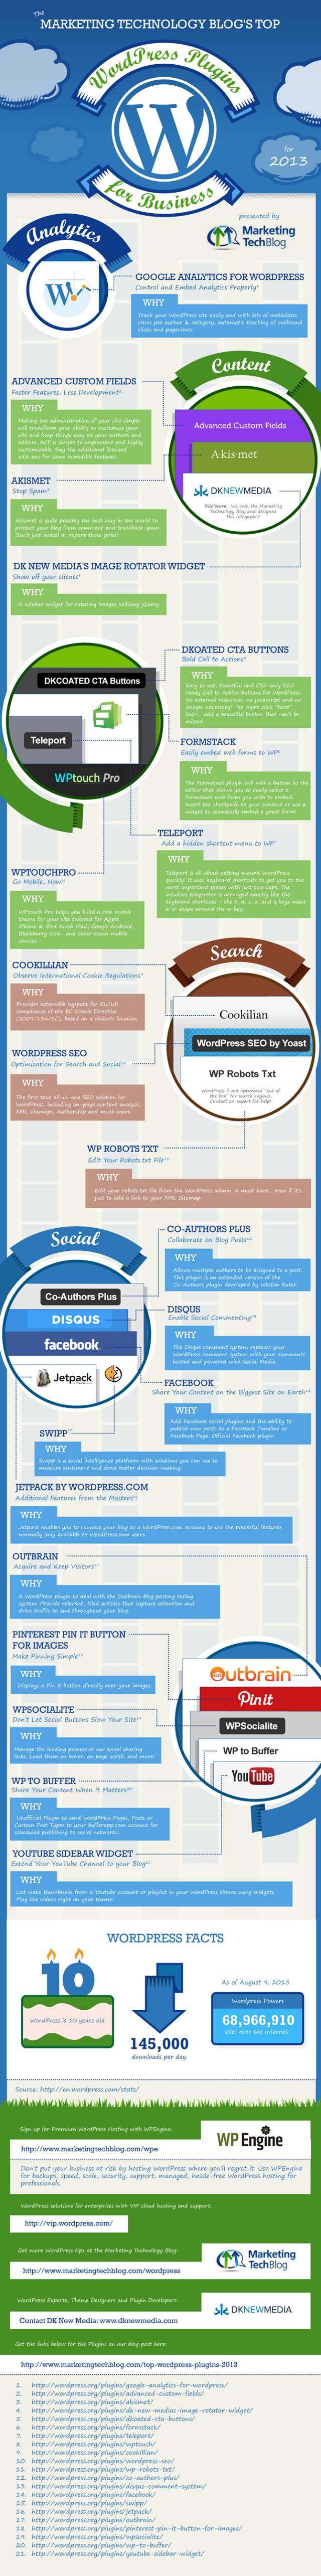 Top Business Plugins für WordPress